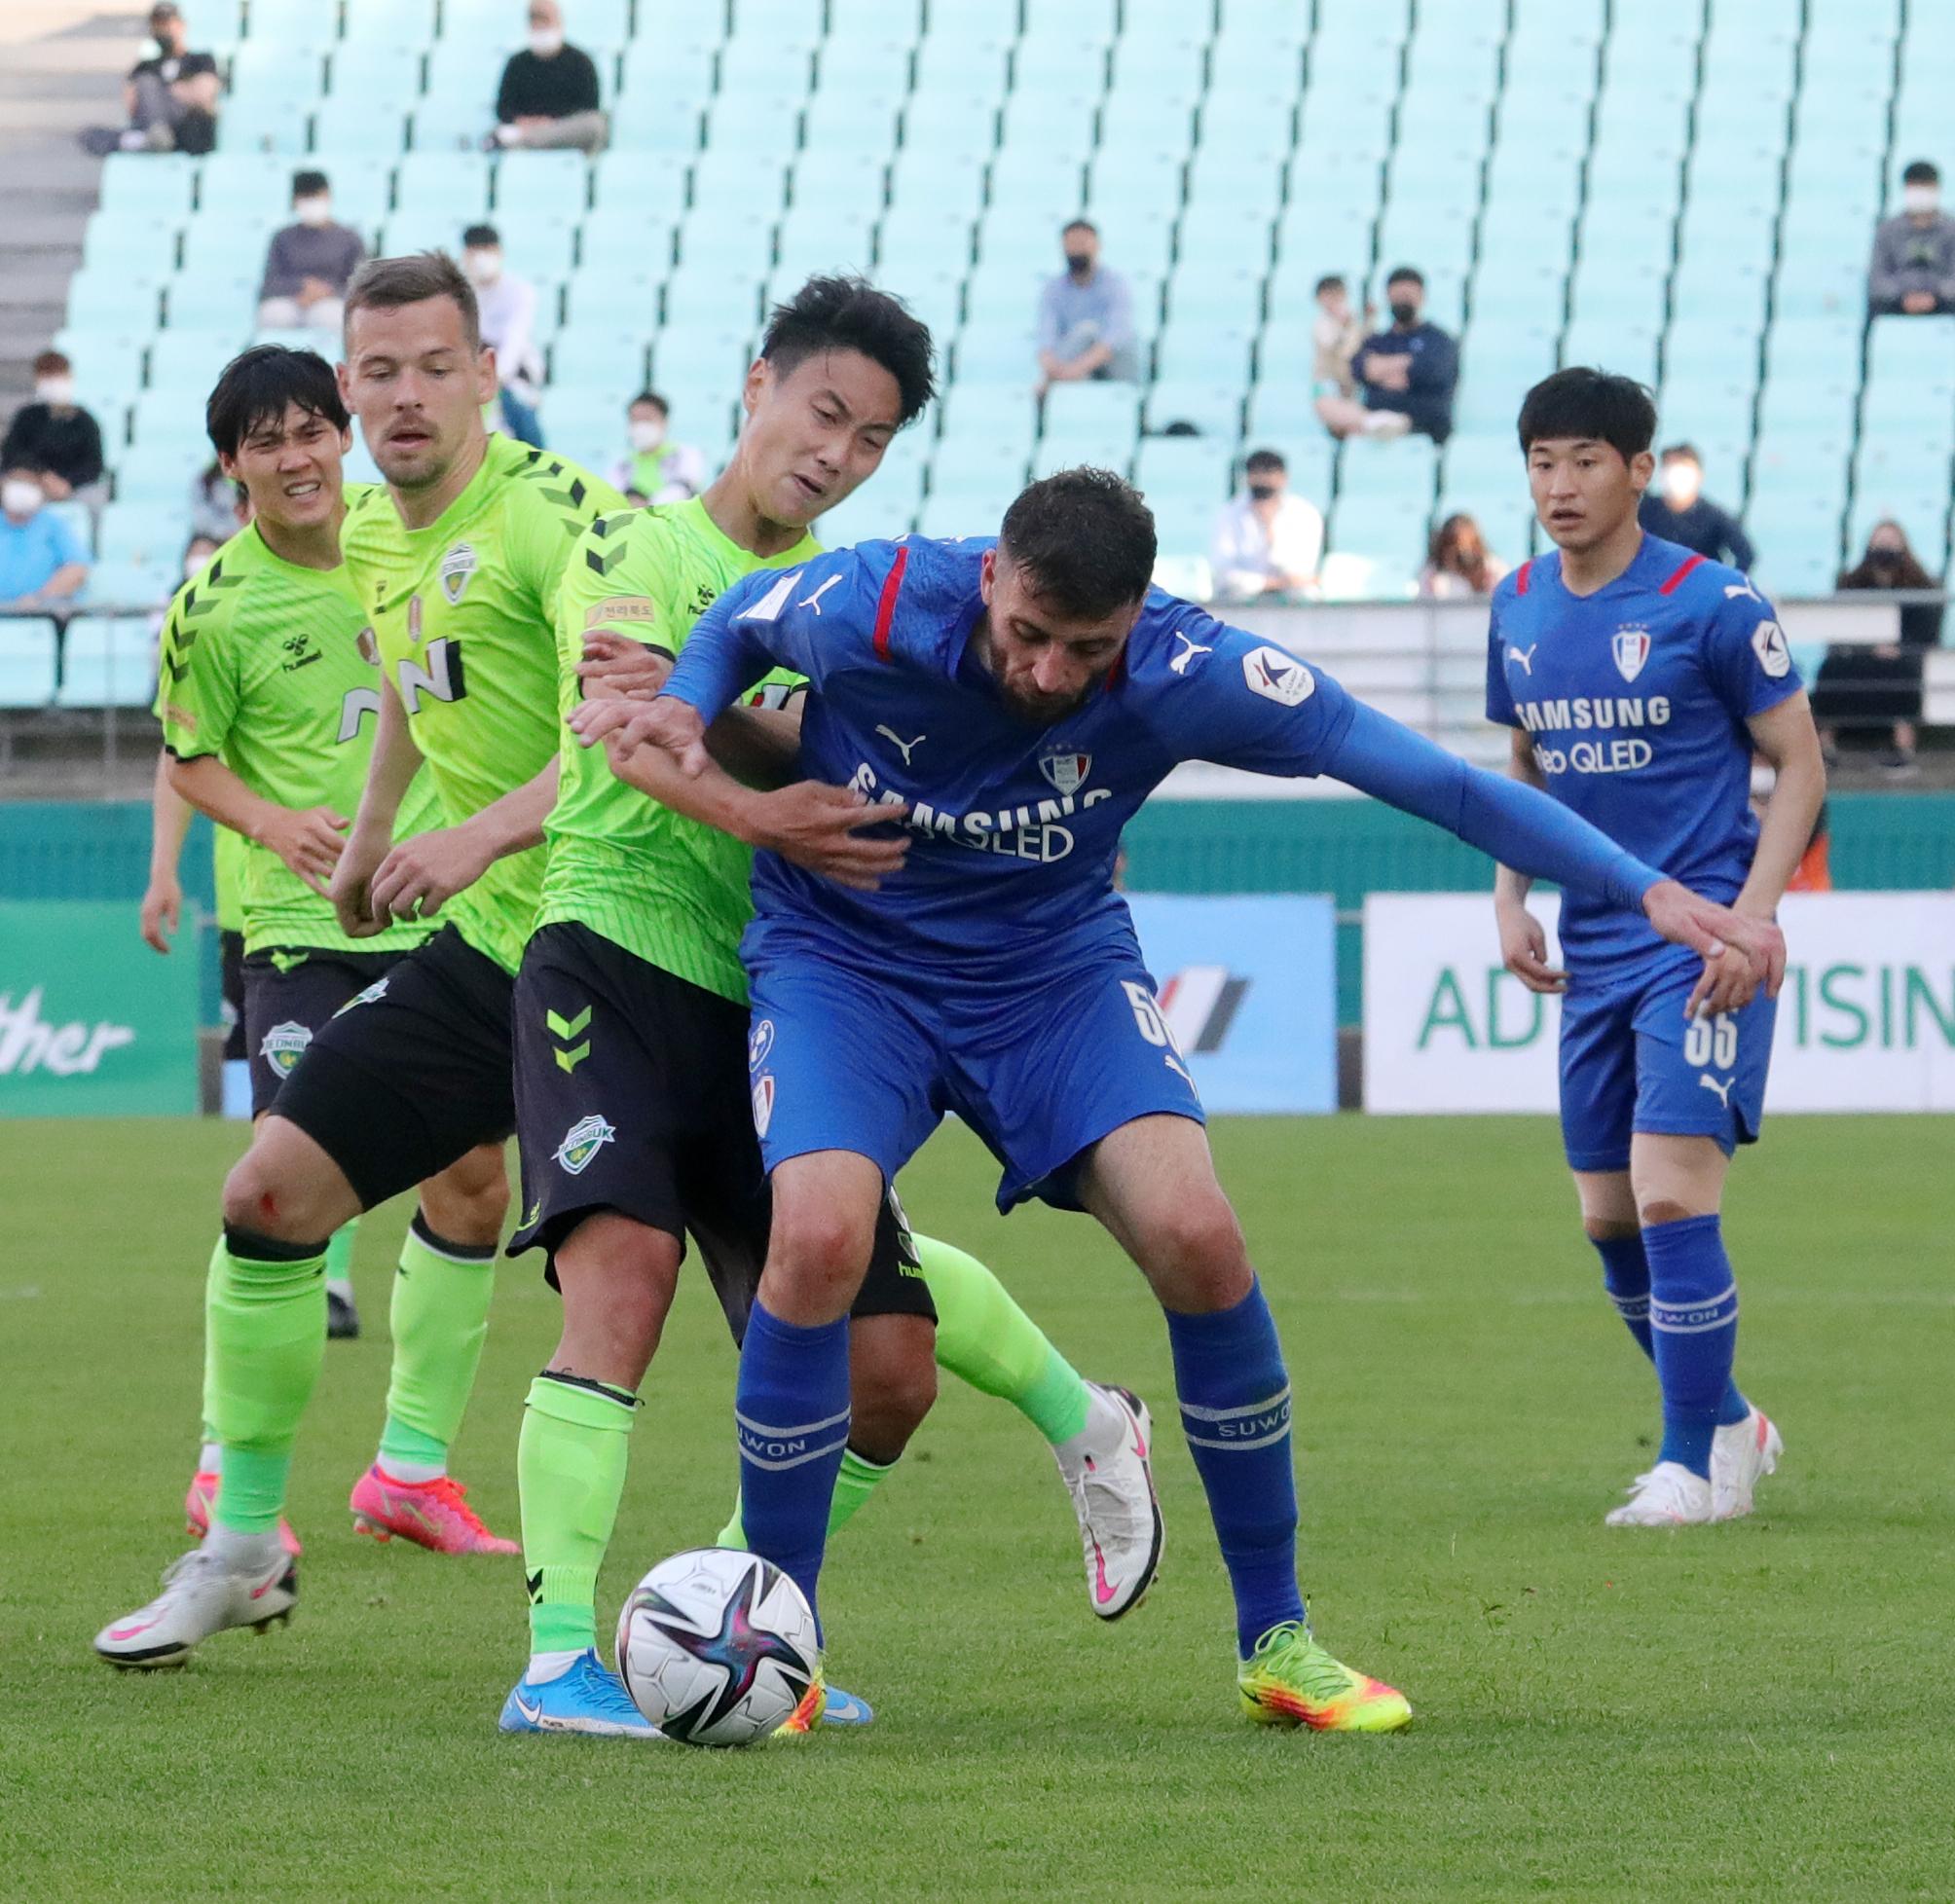 프로축구 전북 현대 백승호(왼쪽 셋째)가 볼경합을 펼치고 있다. [뉴스1]